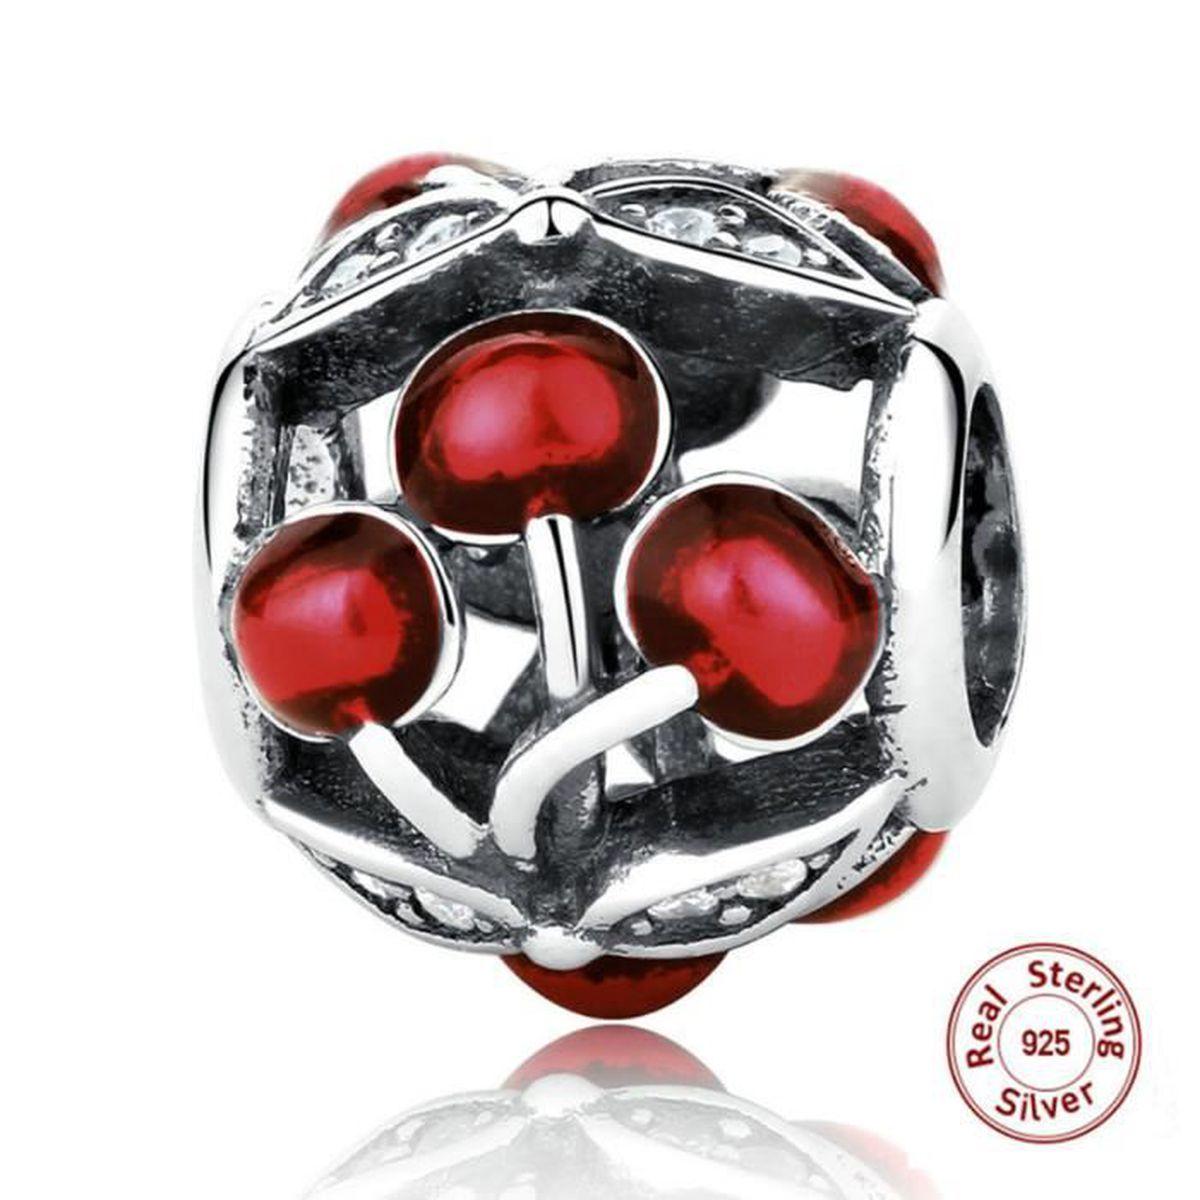 Authentique Argent Sterling 925 Daisy Fleurs Zircon Perles De Verre Coupe Original Bracelet